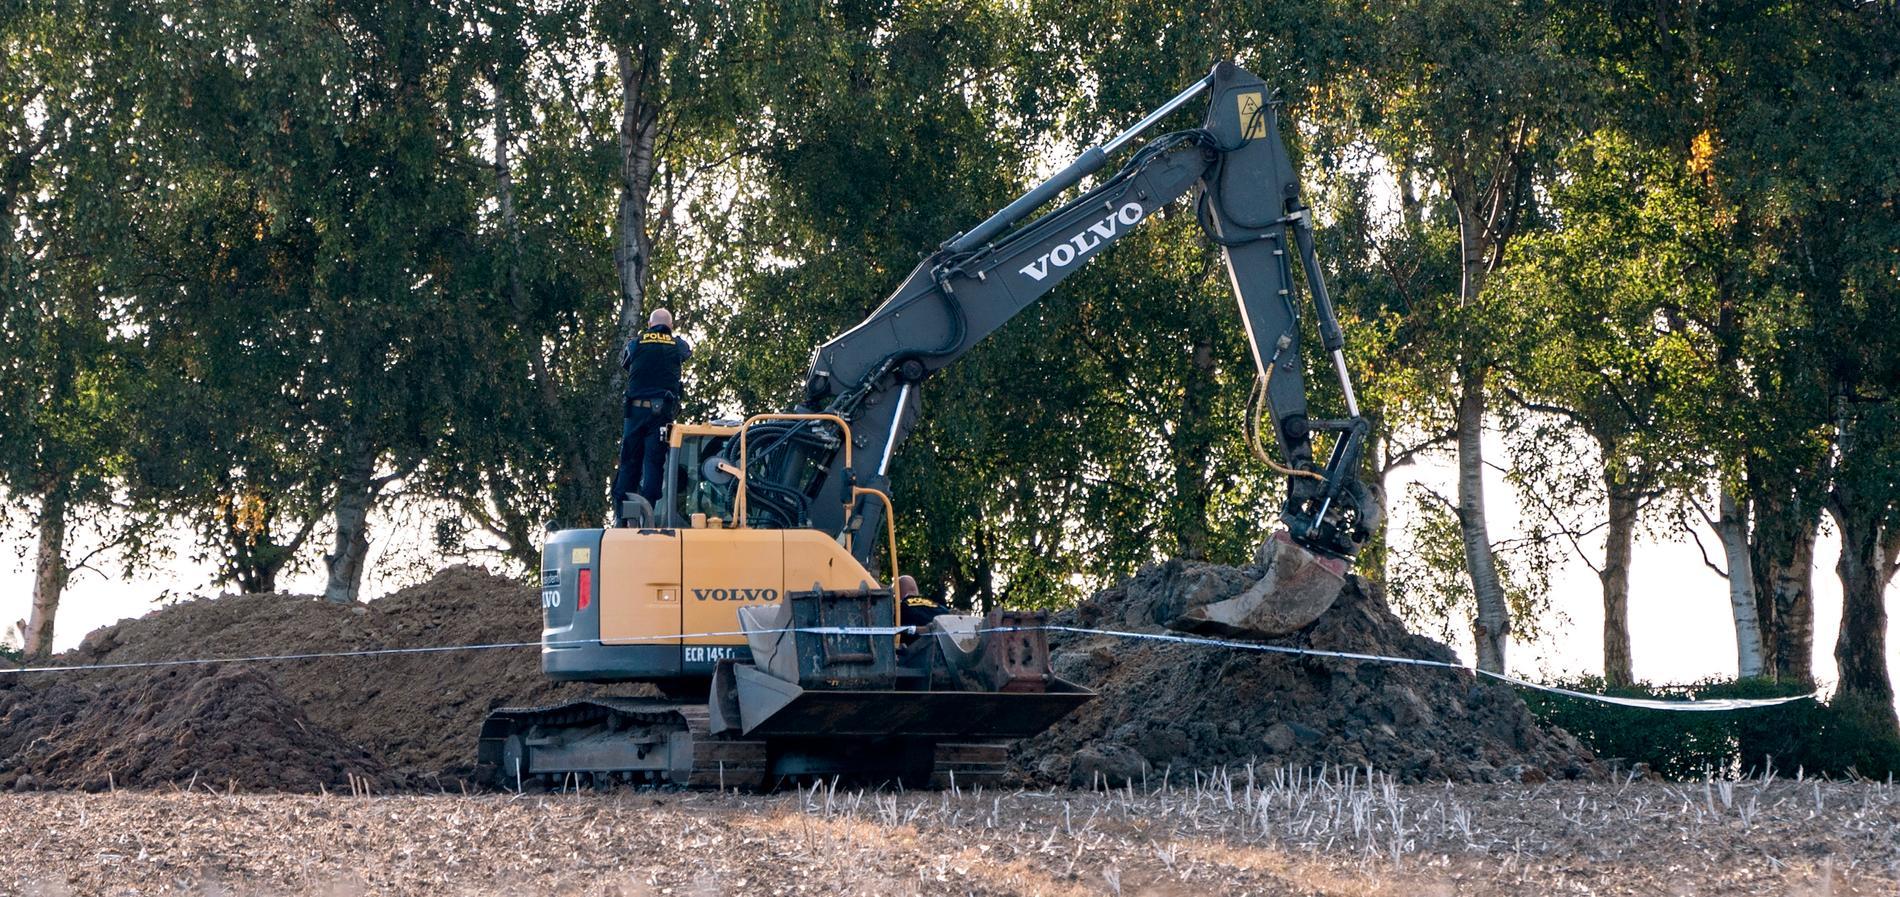 En manlig arbetare fick jordmassor över sig och dog under ett arbete på en åker utanför Skurp i söndags.